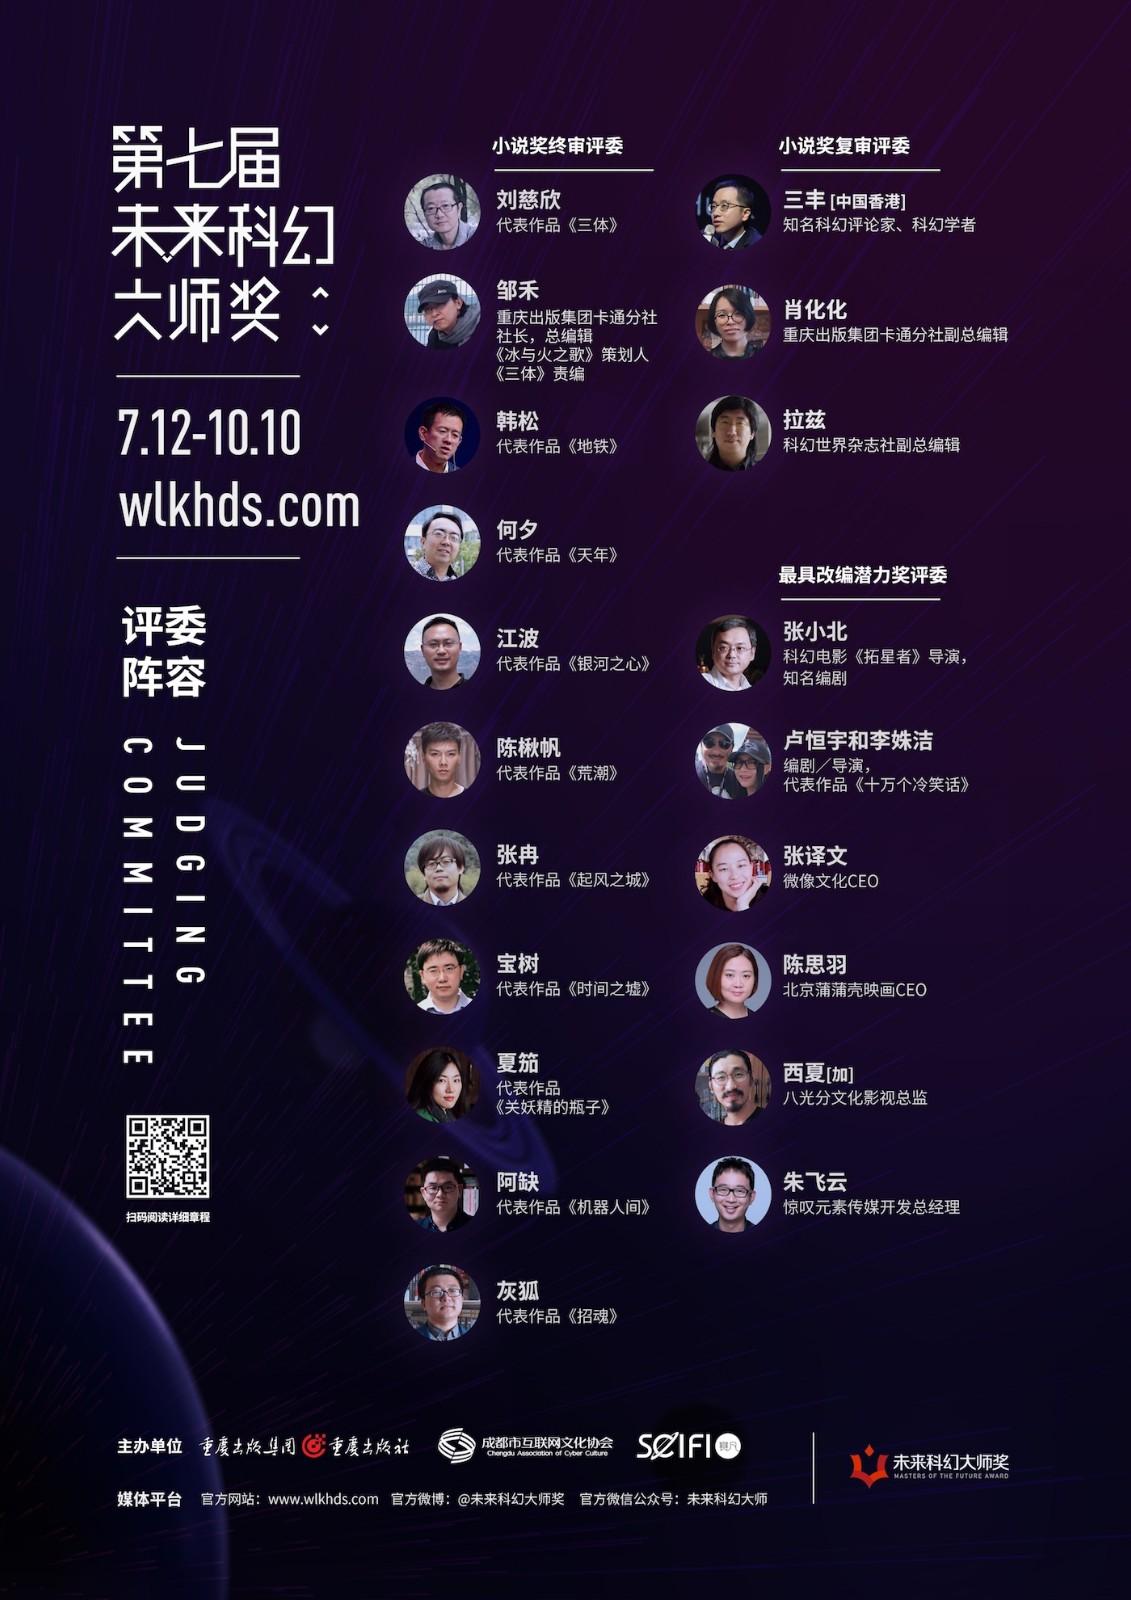 第七届未来科幻大师奖(评委海报).jpg